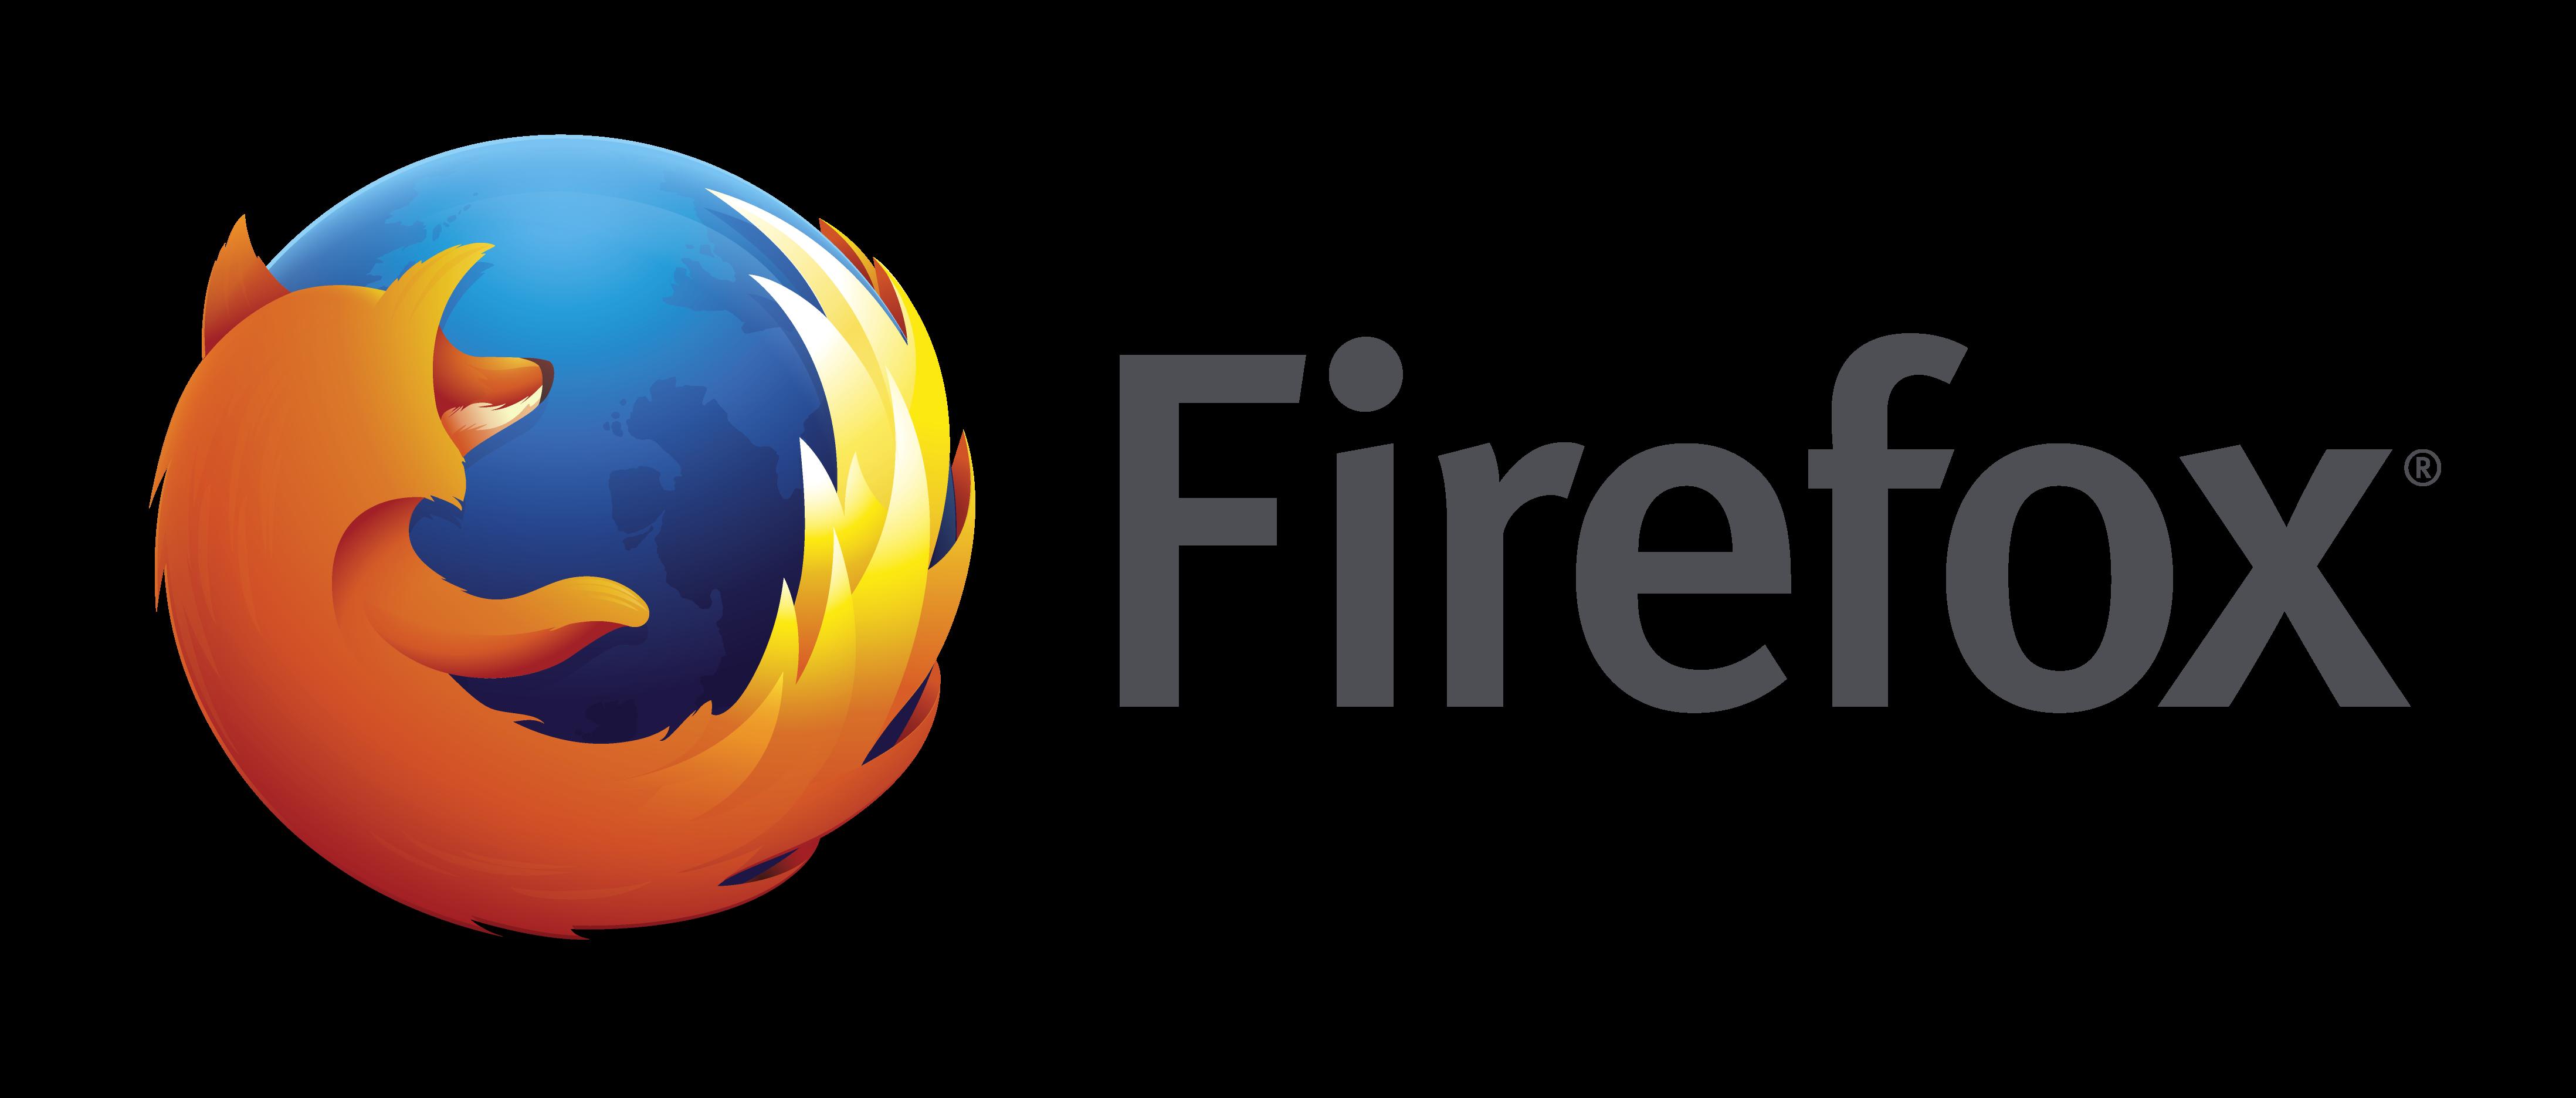 Trình Duyệt Firefox Là Gì? Tìm Hiểu Về Trình Duyệt Firefox Là Gì?